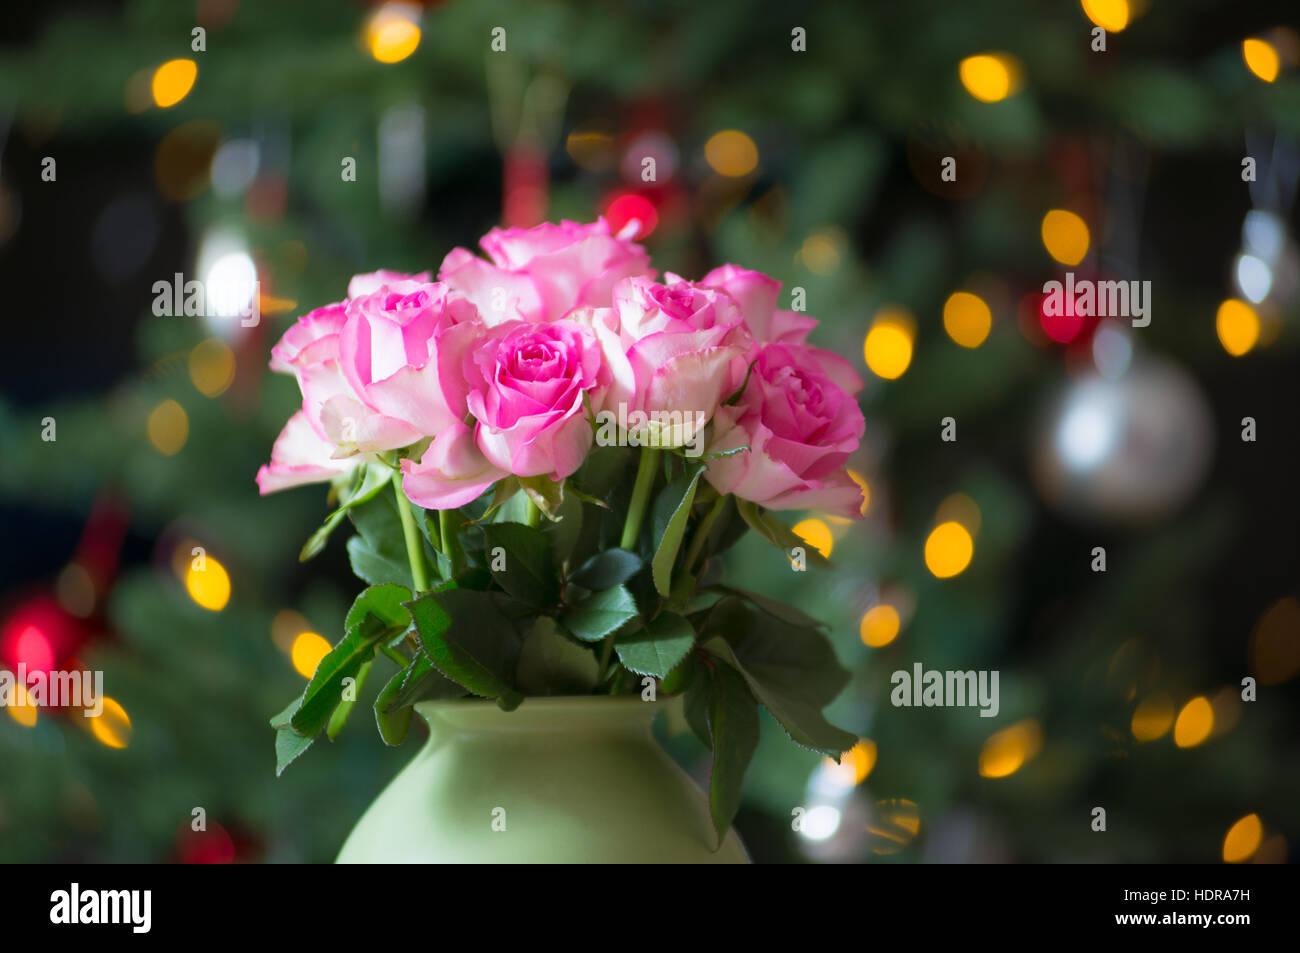 rosa rosen und einen weihnachtsbaum au erhalb der saison k nnen blumen das ganze jahr von ihrem. Black Bedroom Furniture Sets. Home Design Ideas